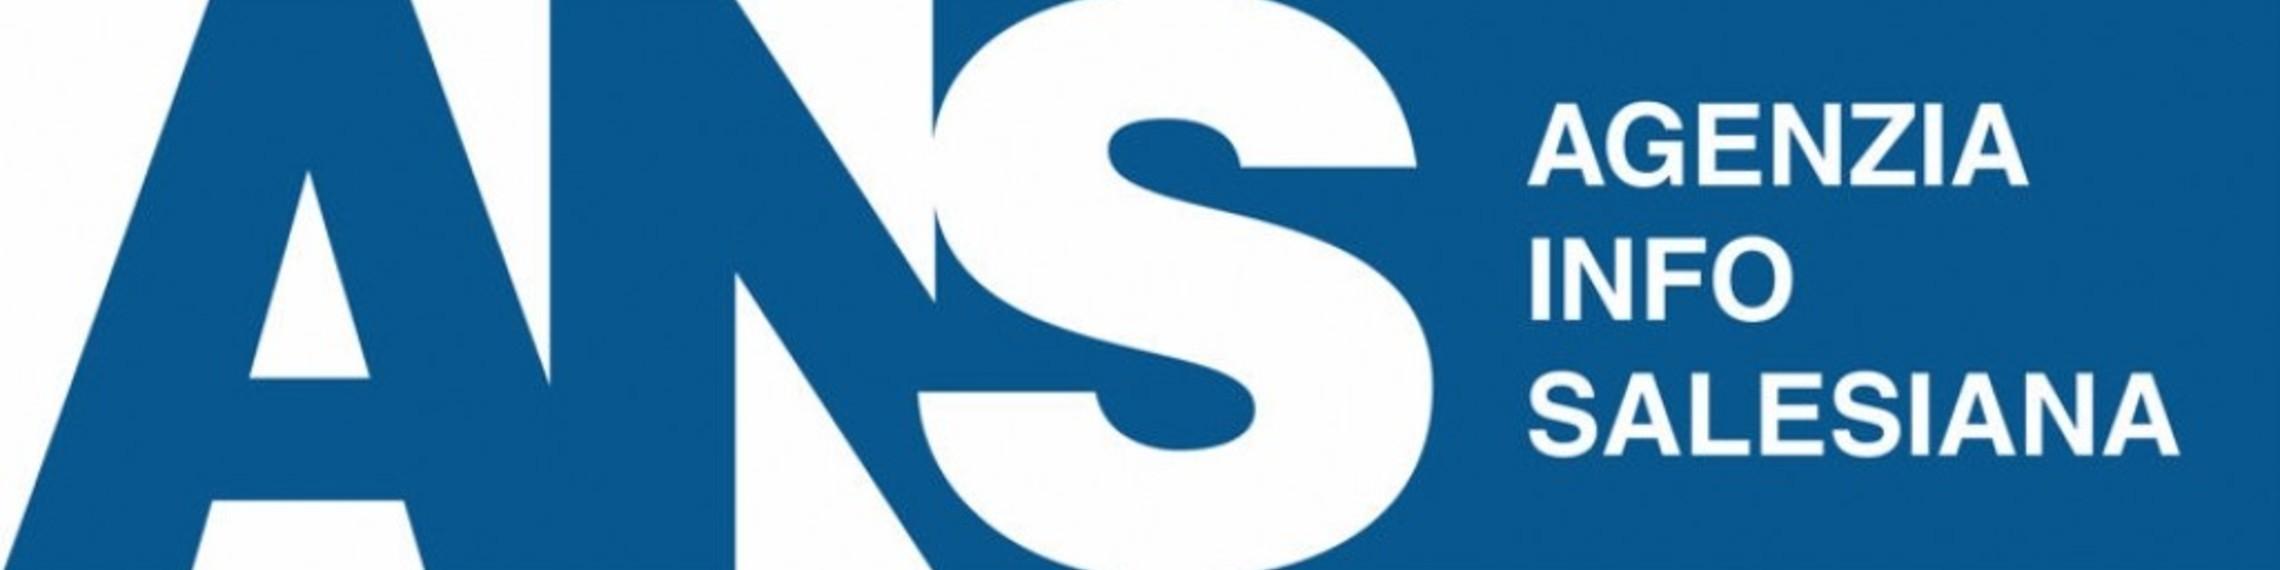 Agenzia Info Salesiana